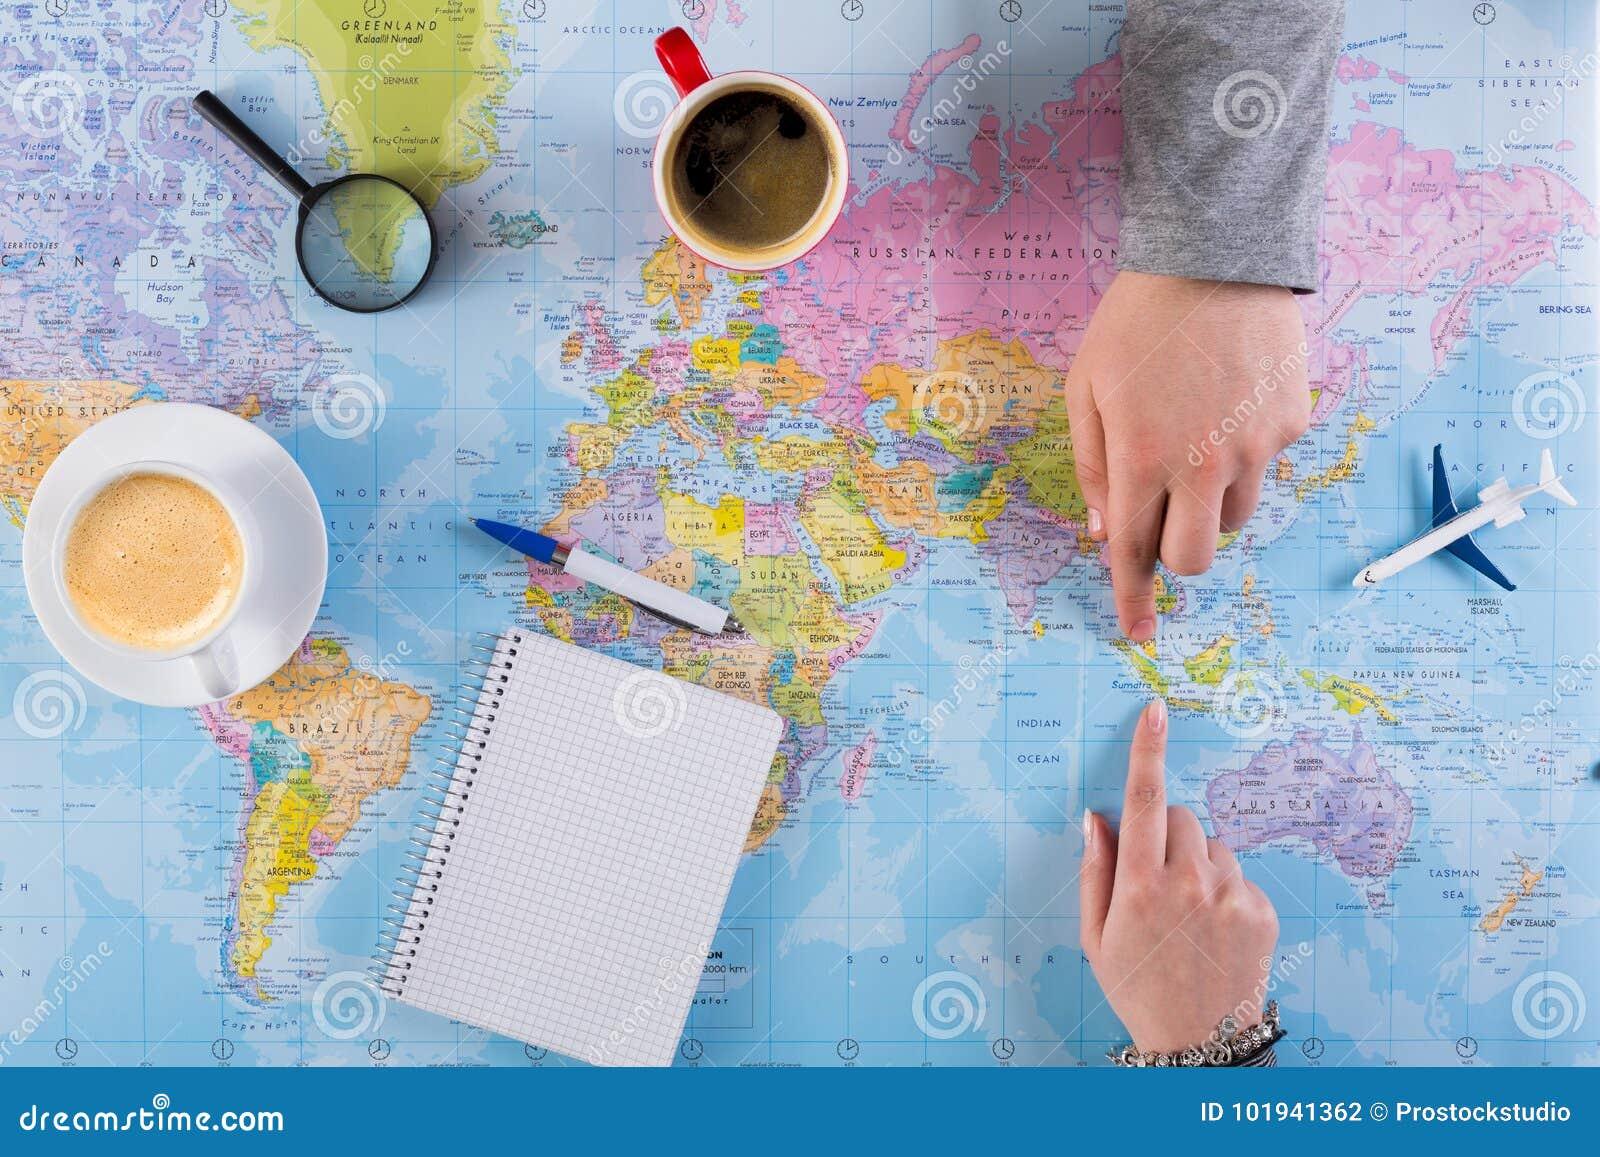 Ταξίδι προγραμματισμού ζεύγους στην Ινδονησία, σημείο στο χάρτη